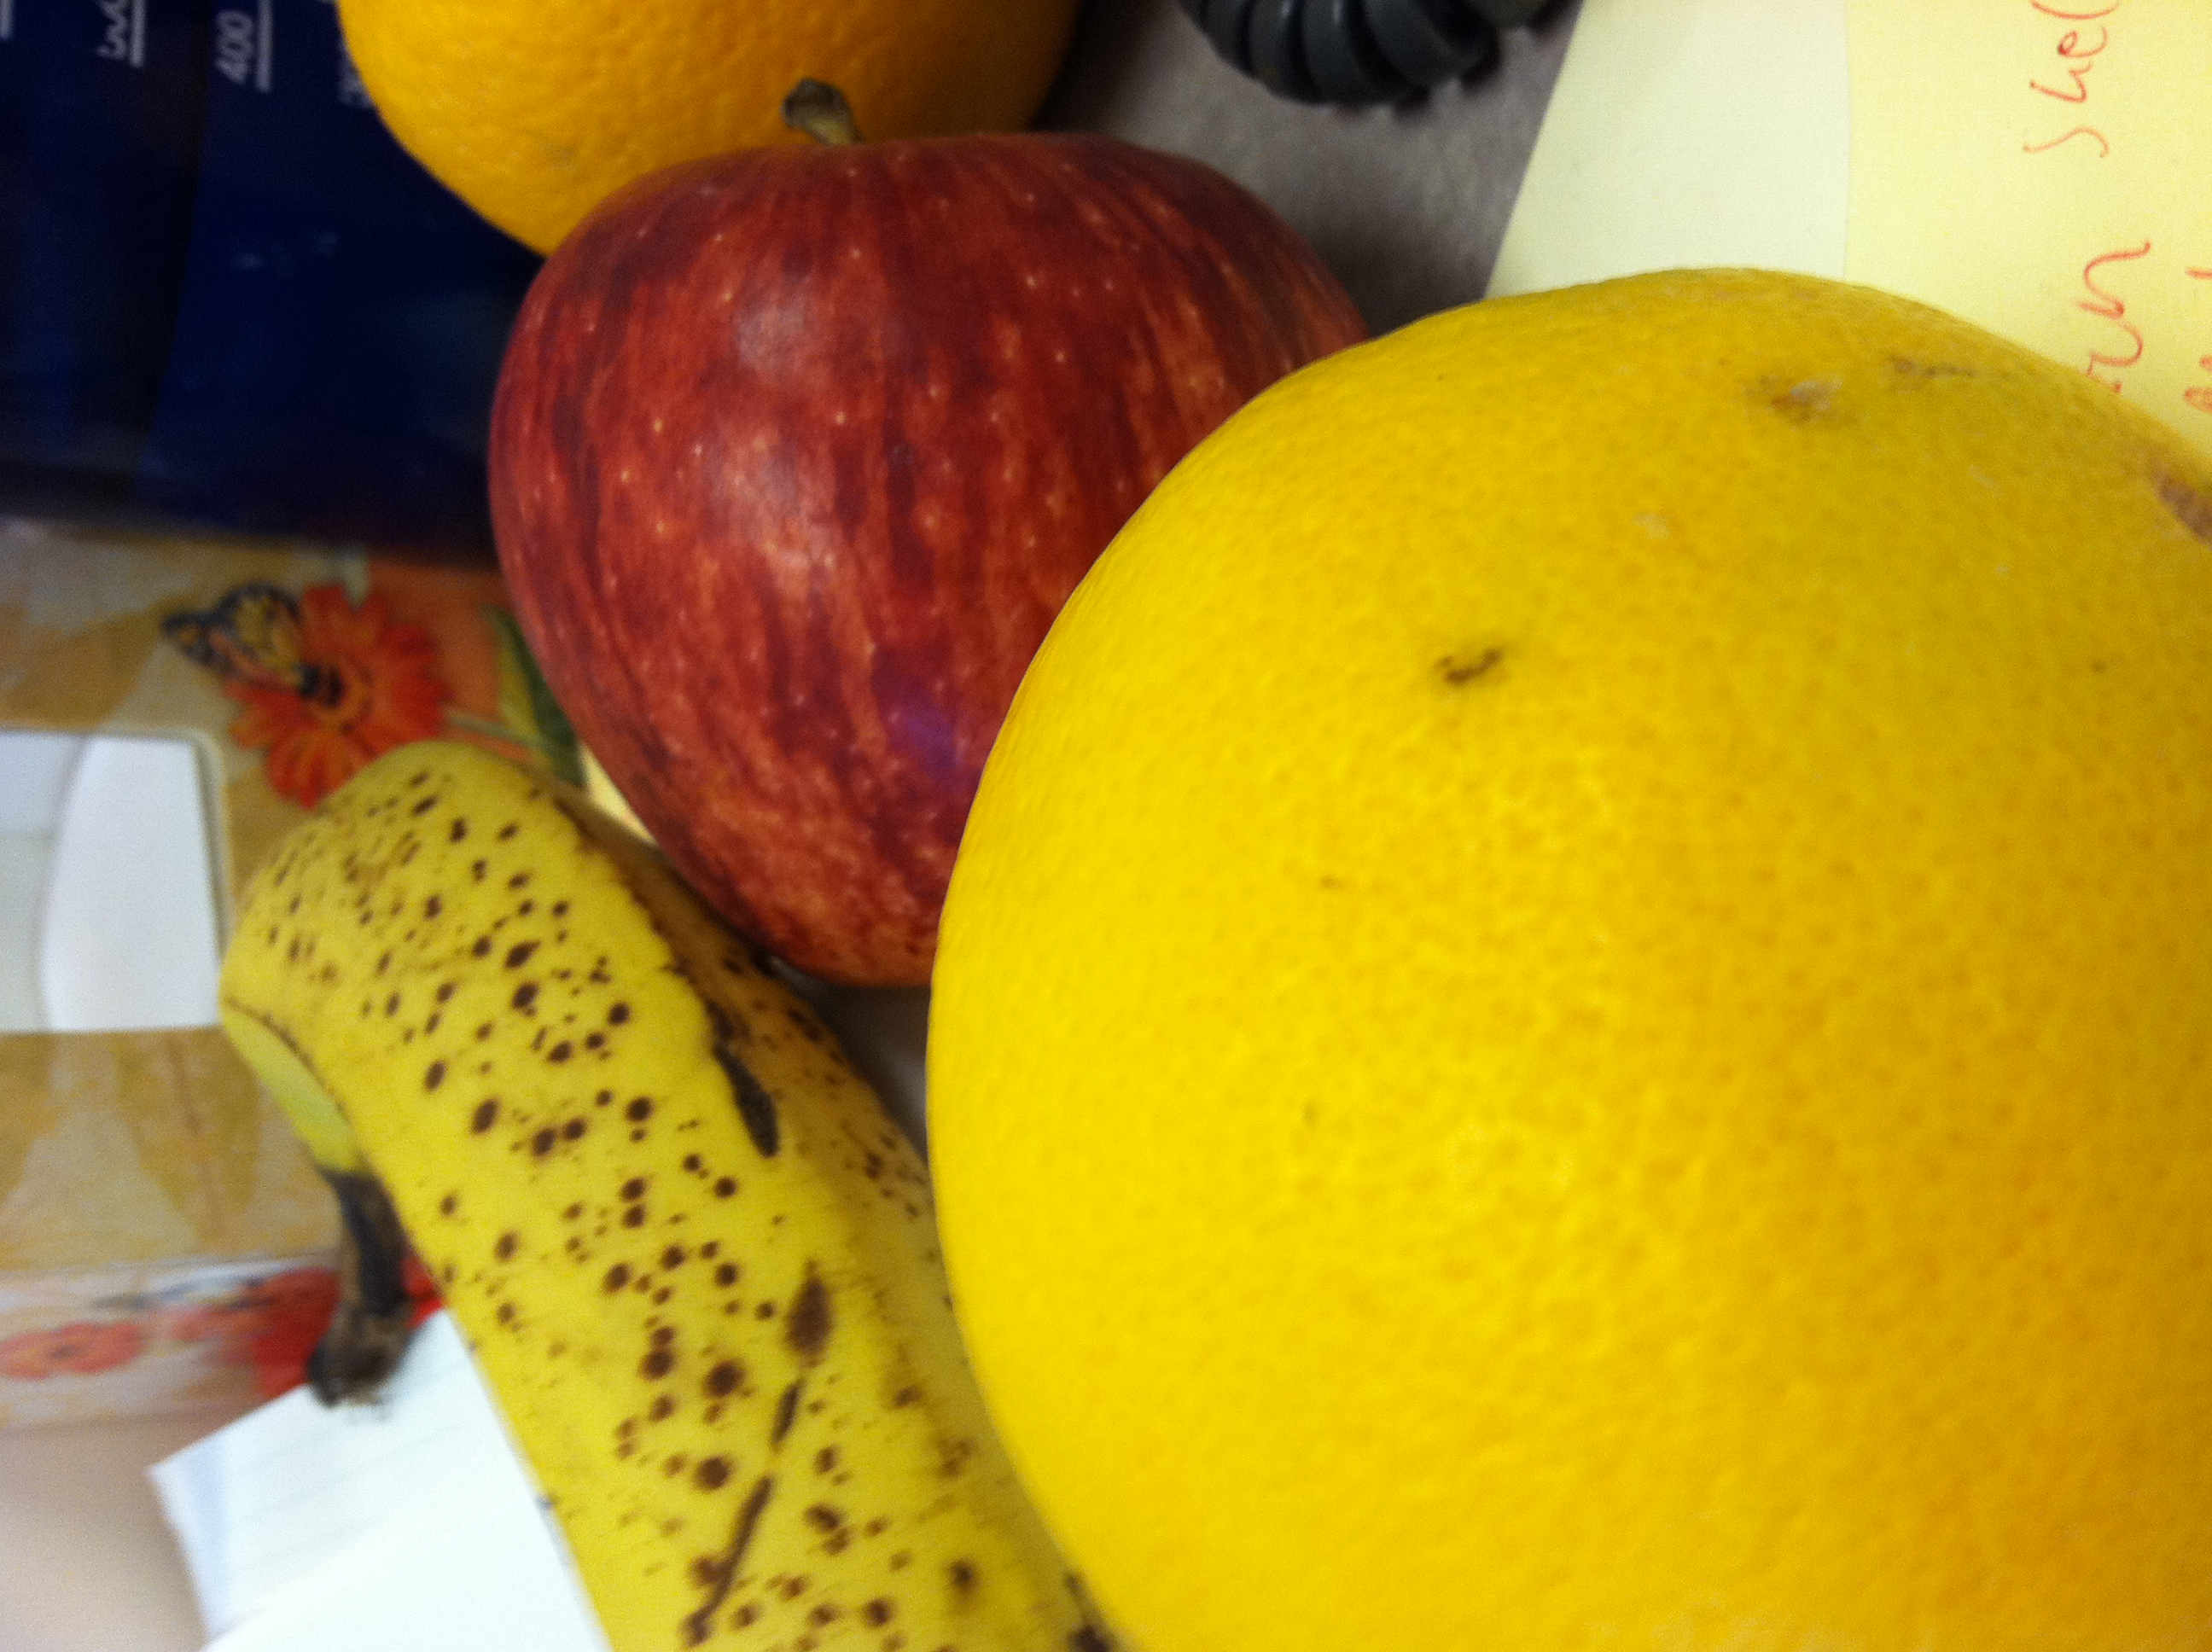 Fruit up on my desk